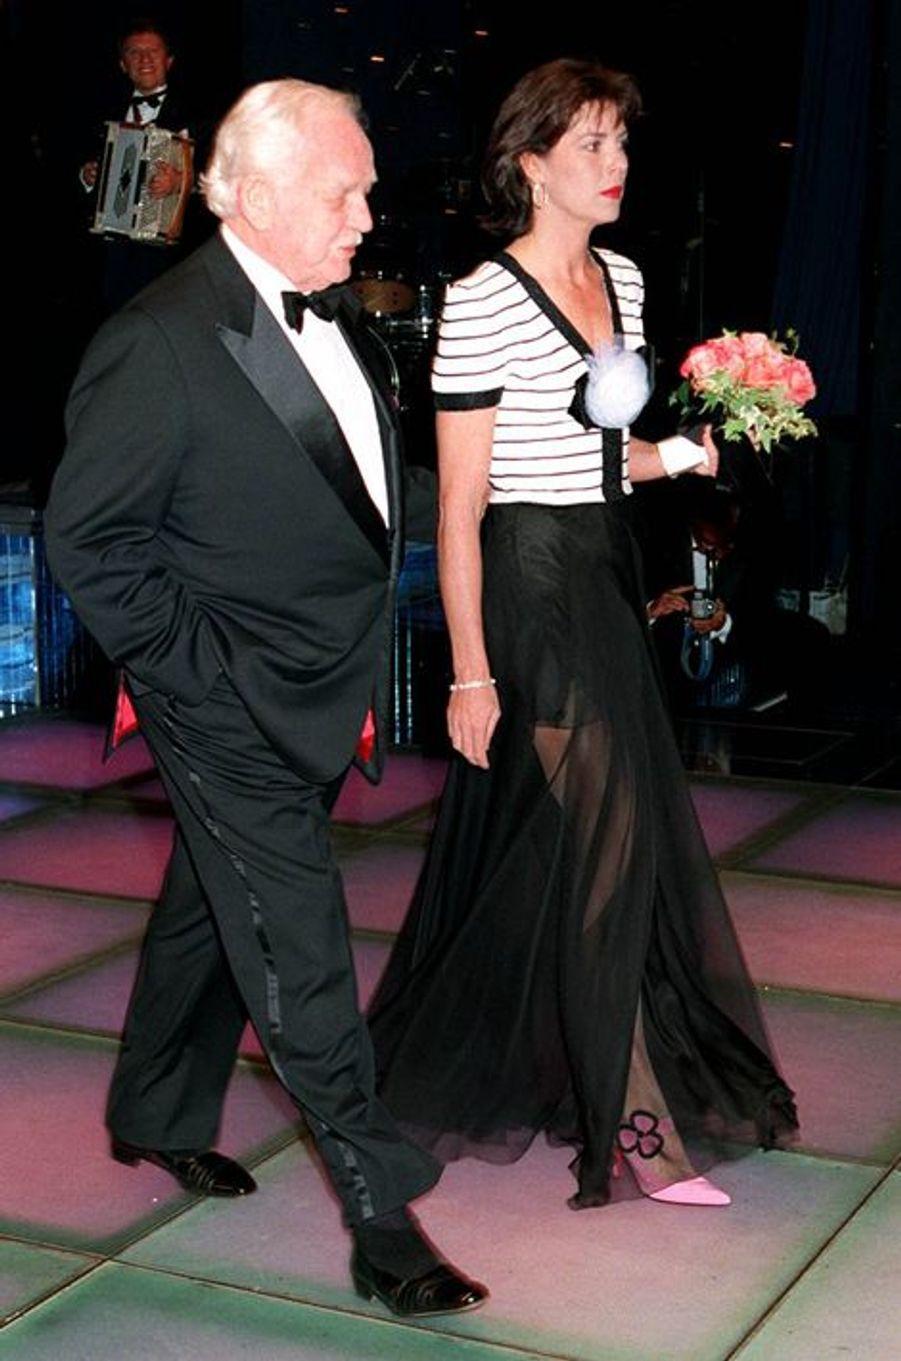 La princesse Caroline de Monaco au bal de la Rose 1995, avec le prince Rainier III